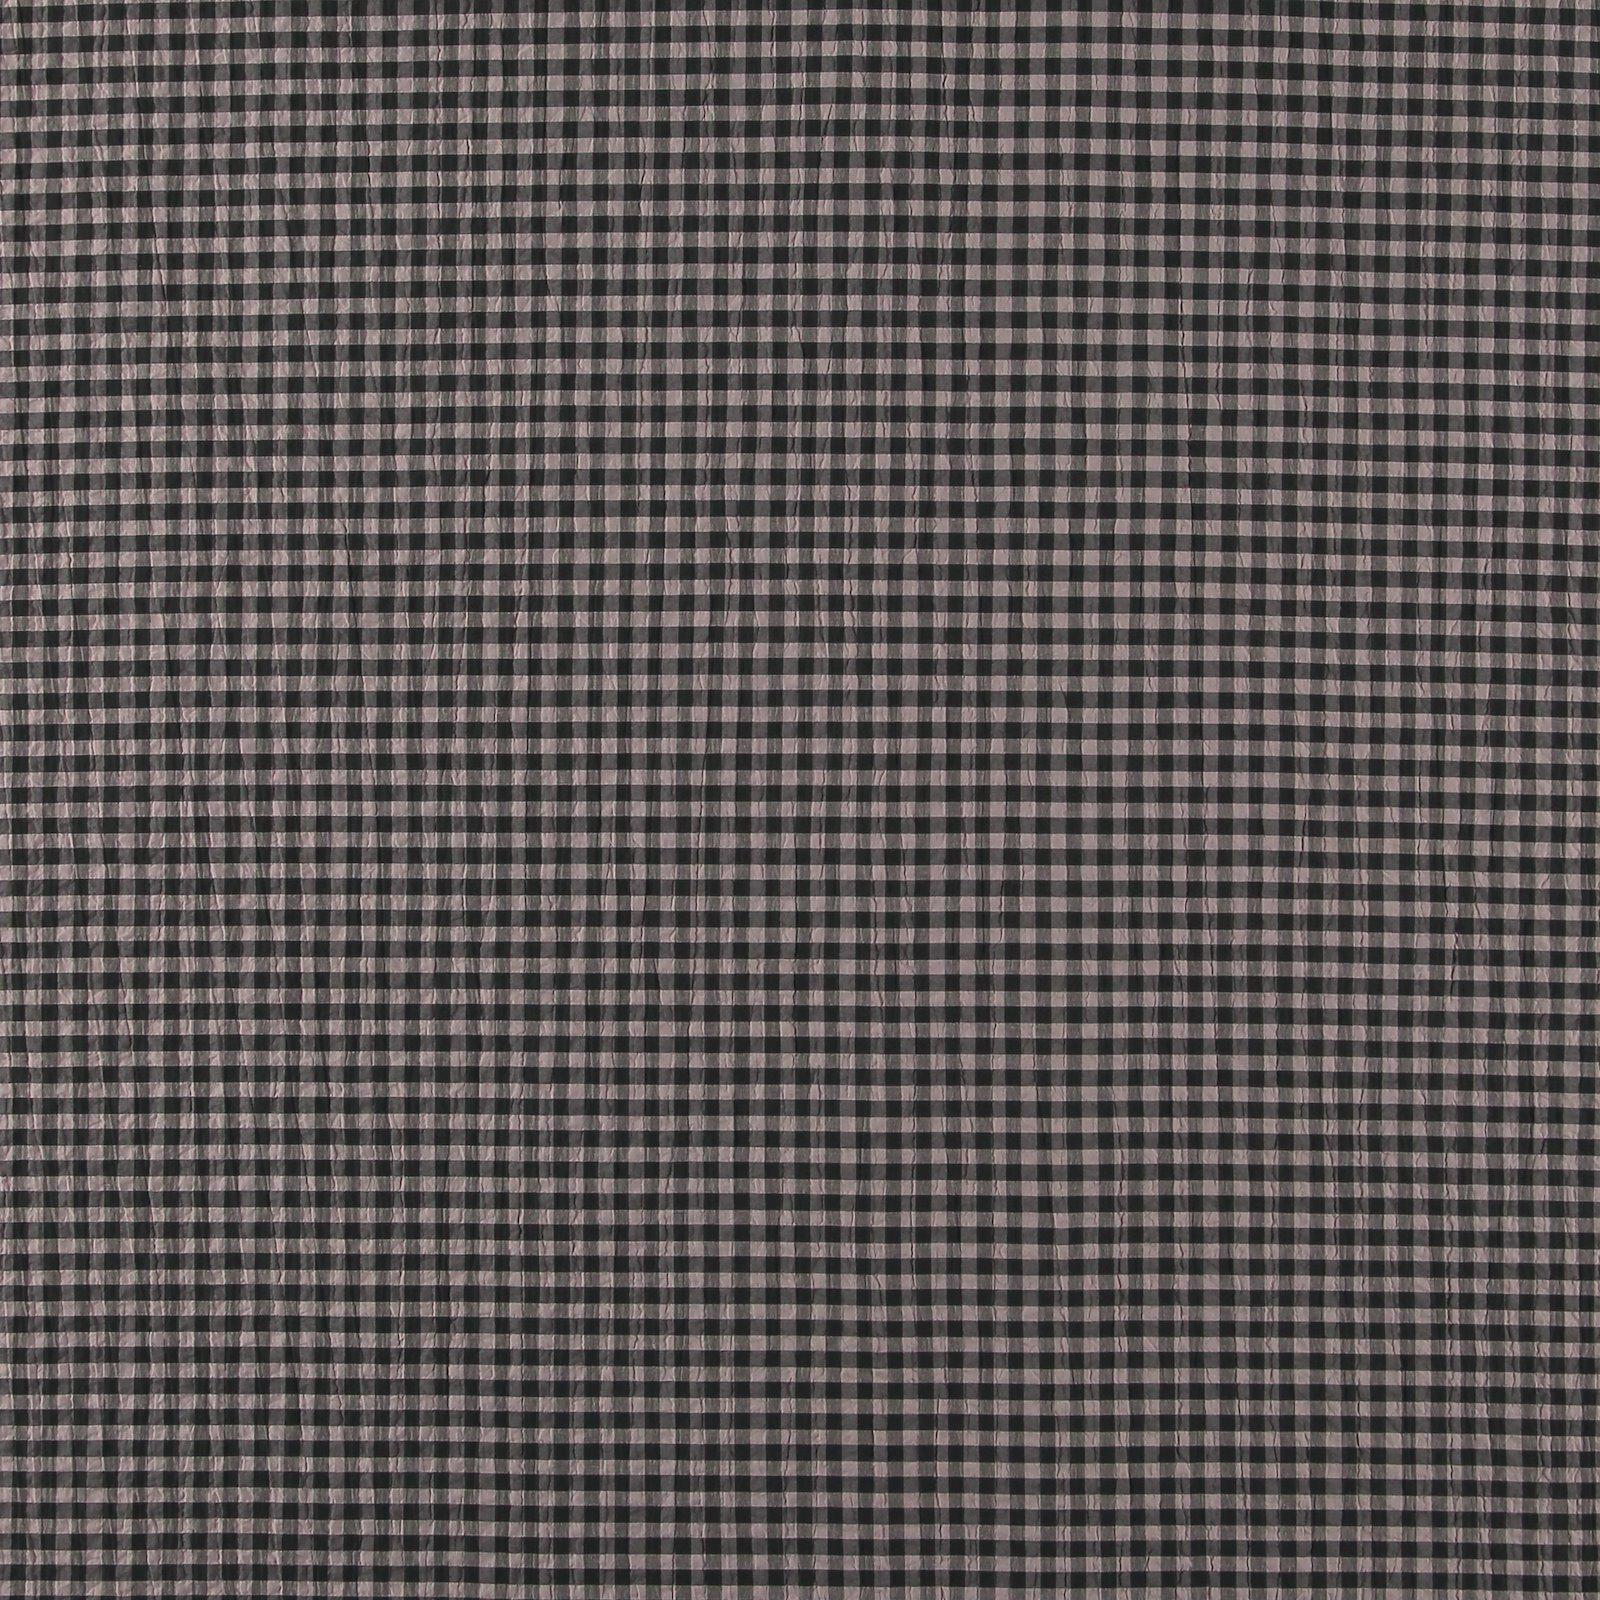 Seersucker black/dusty purple YD check 580076_pack_sp